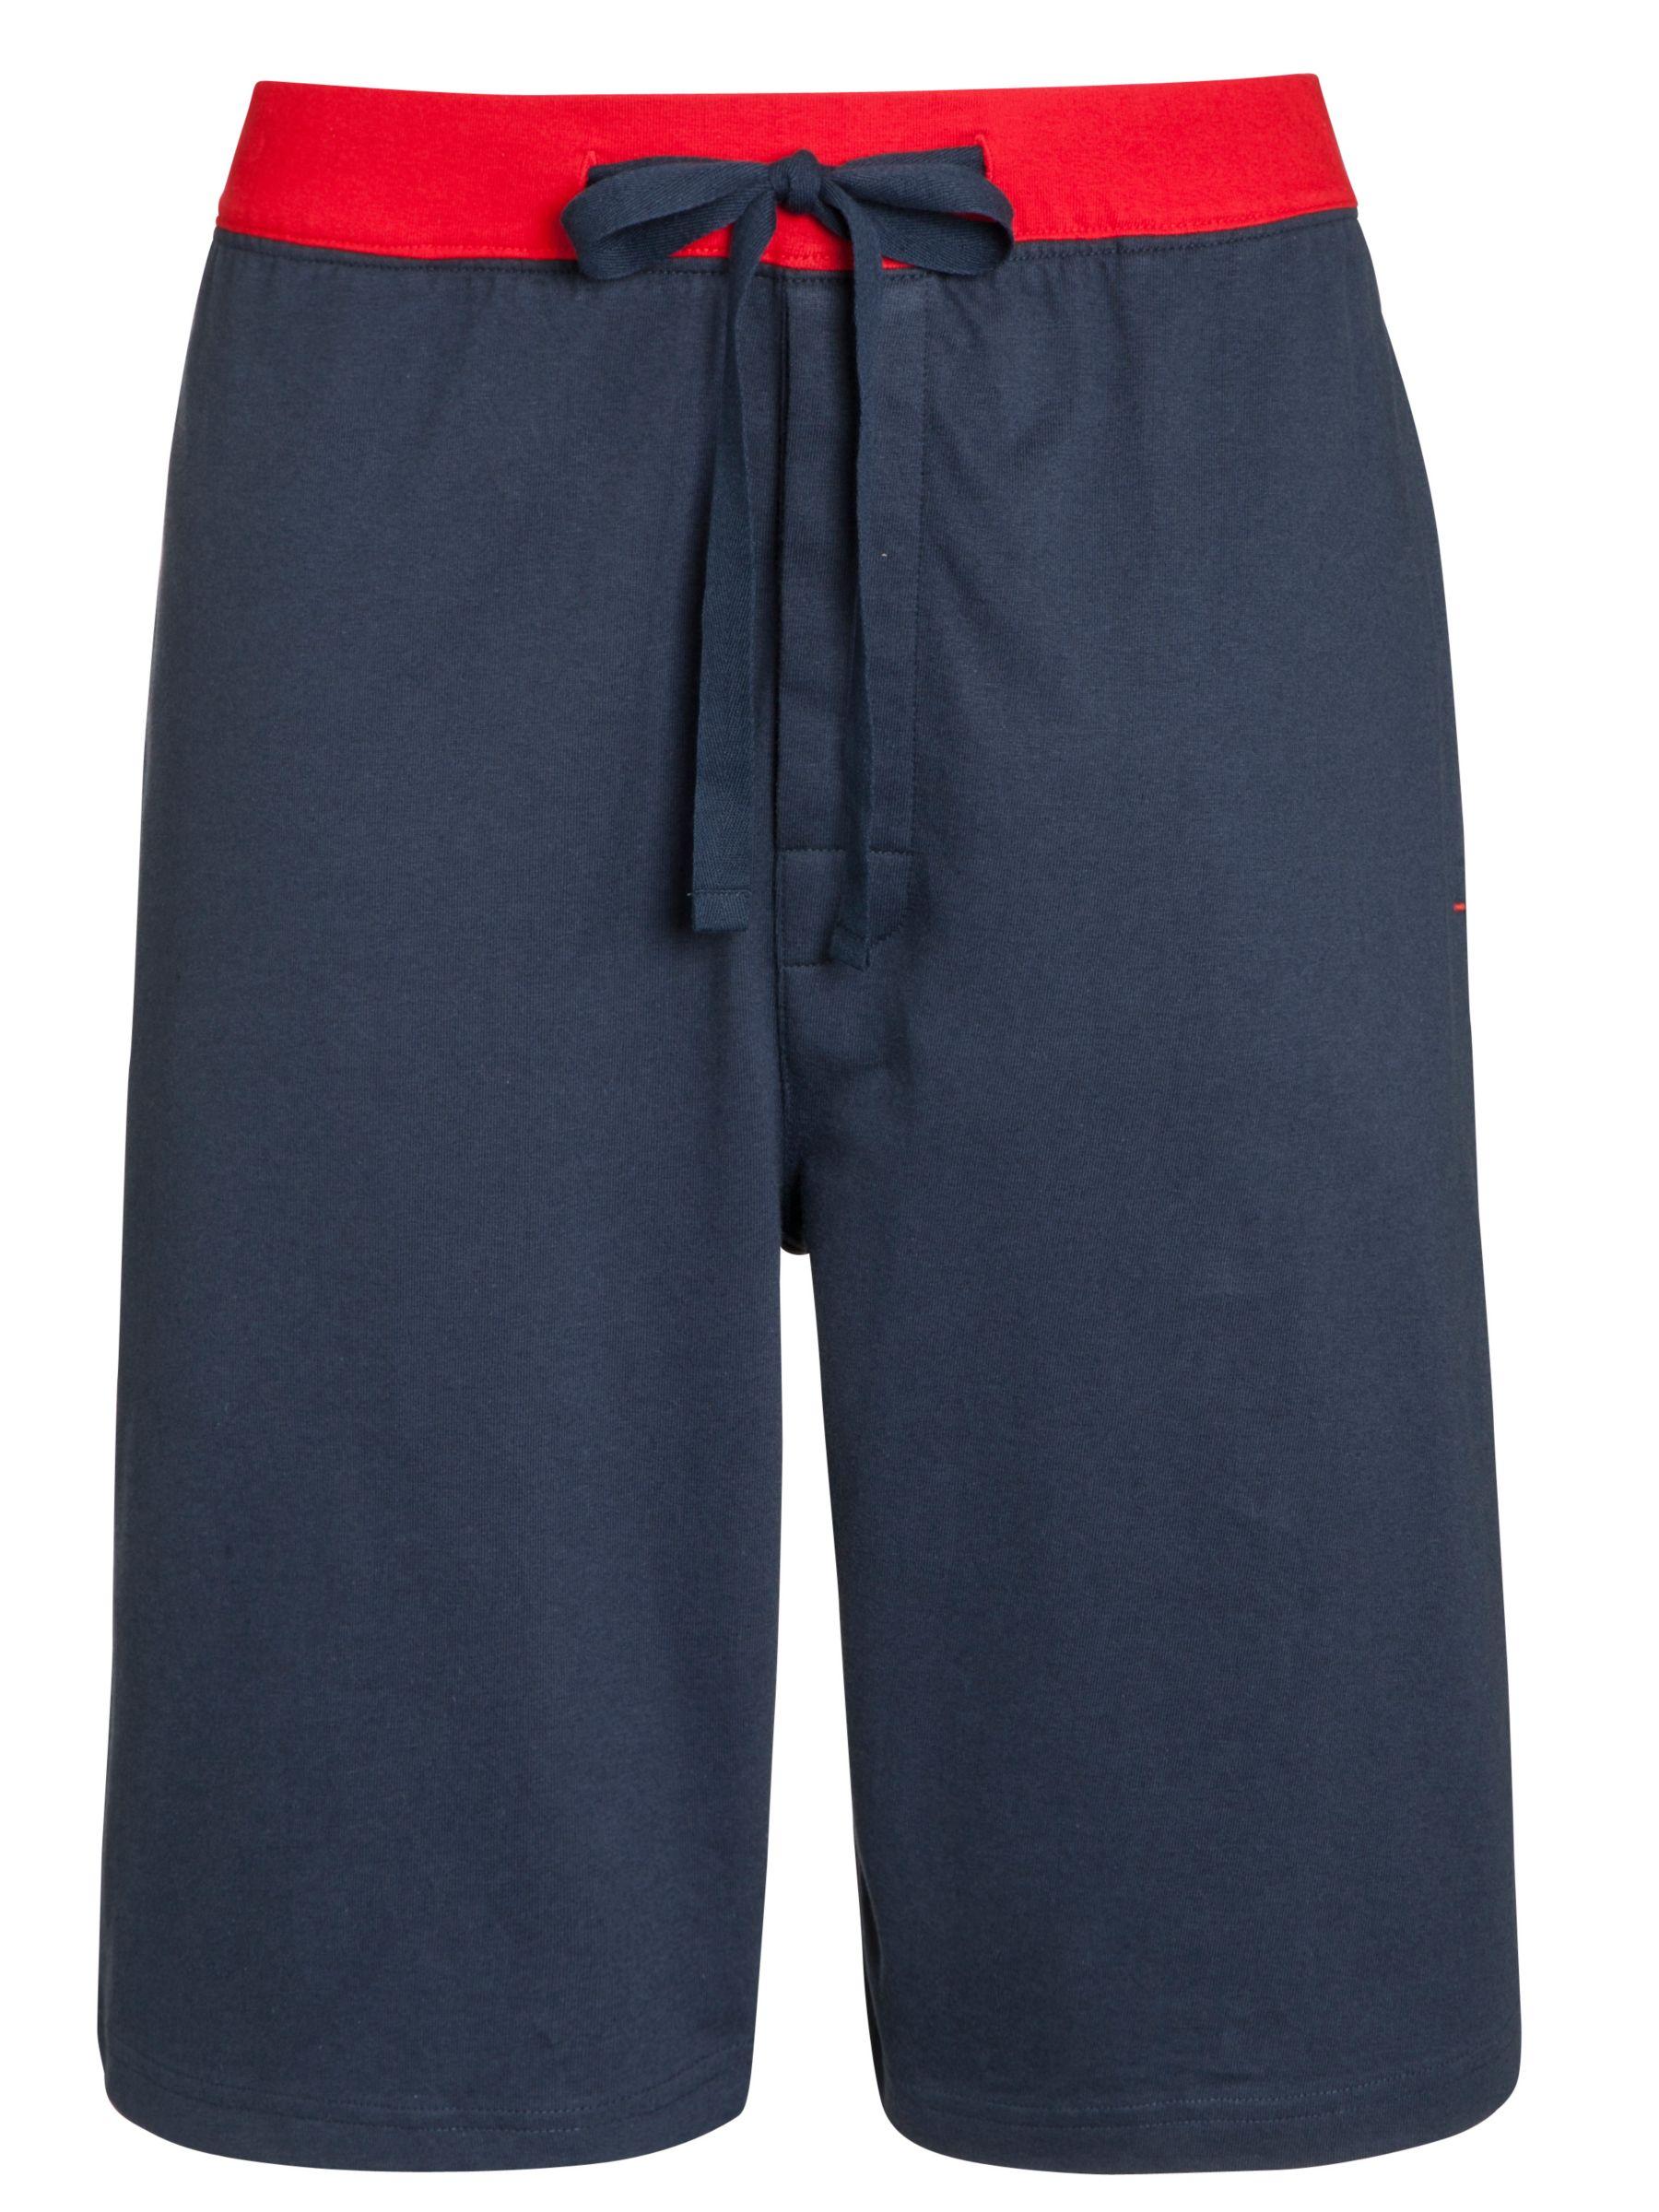 John Lewis Jersey Shorts, Navy